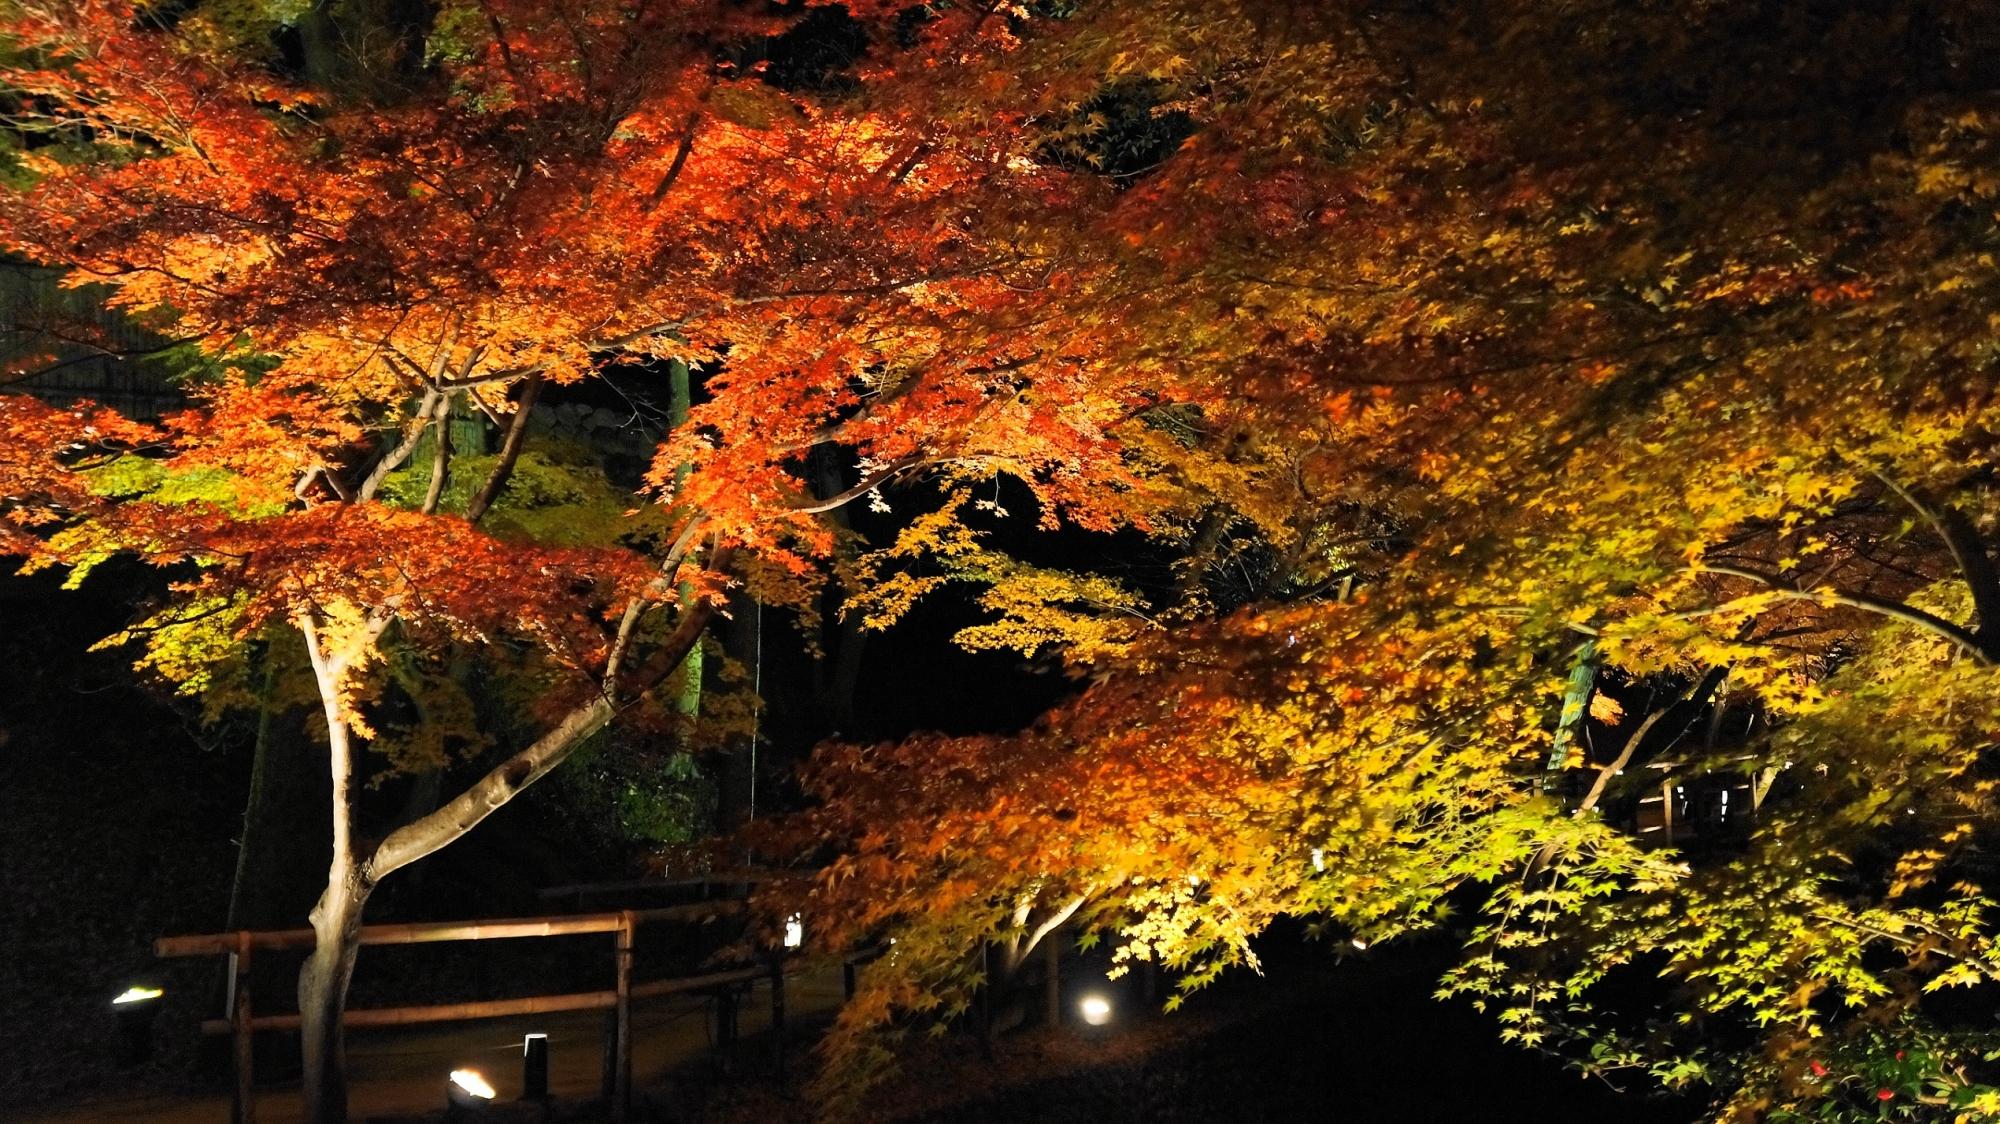 京都北野天満宮のもみじ苑紅葉ライトアップ